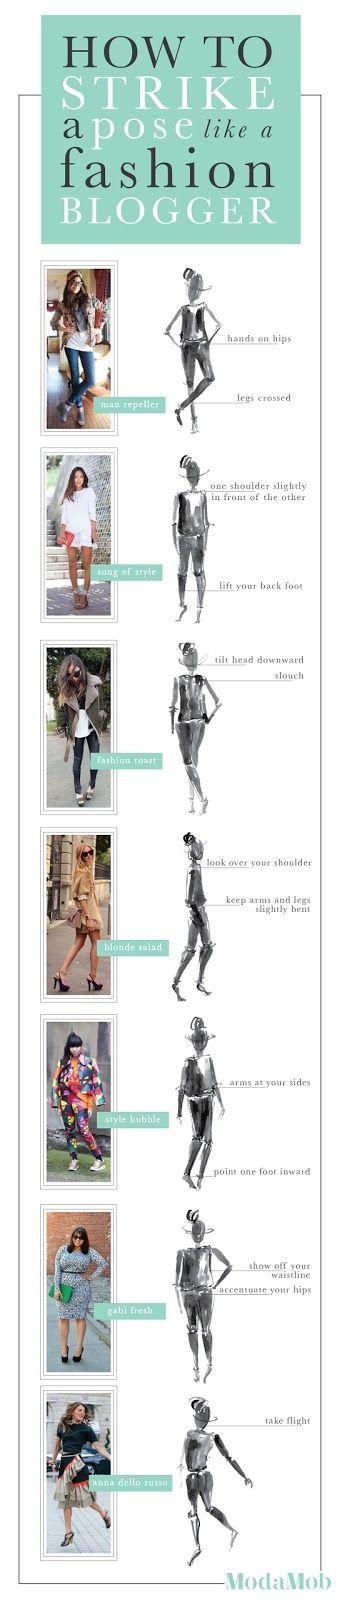 How To Strike A Pose Like A Fashion Blogger   A Glamorous Revelation